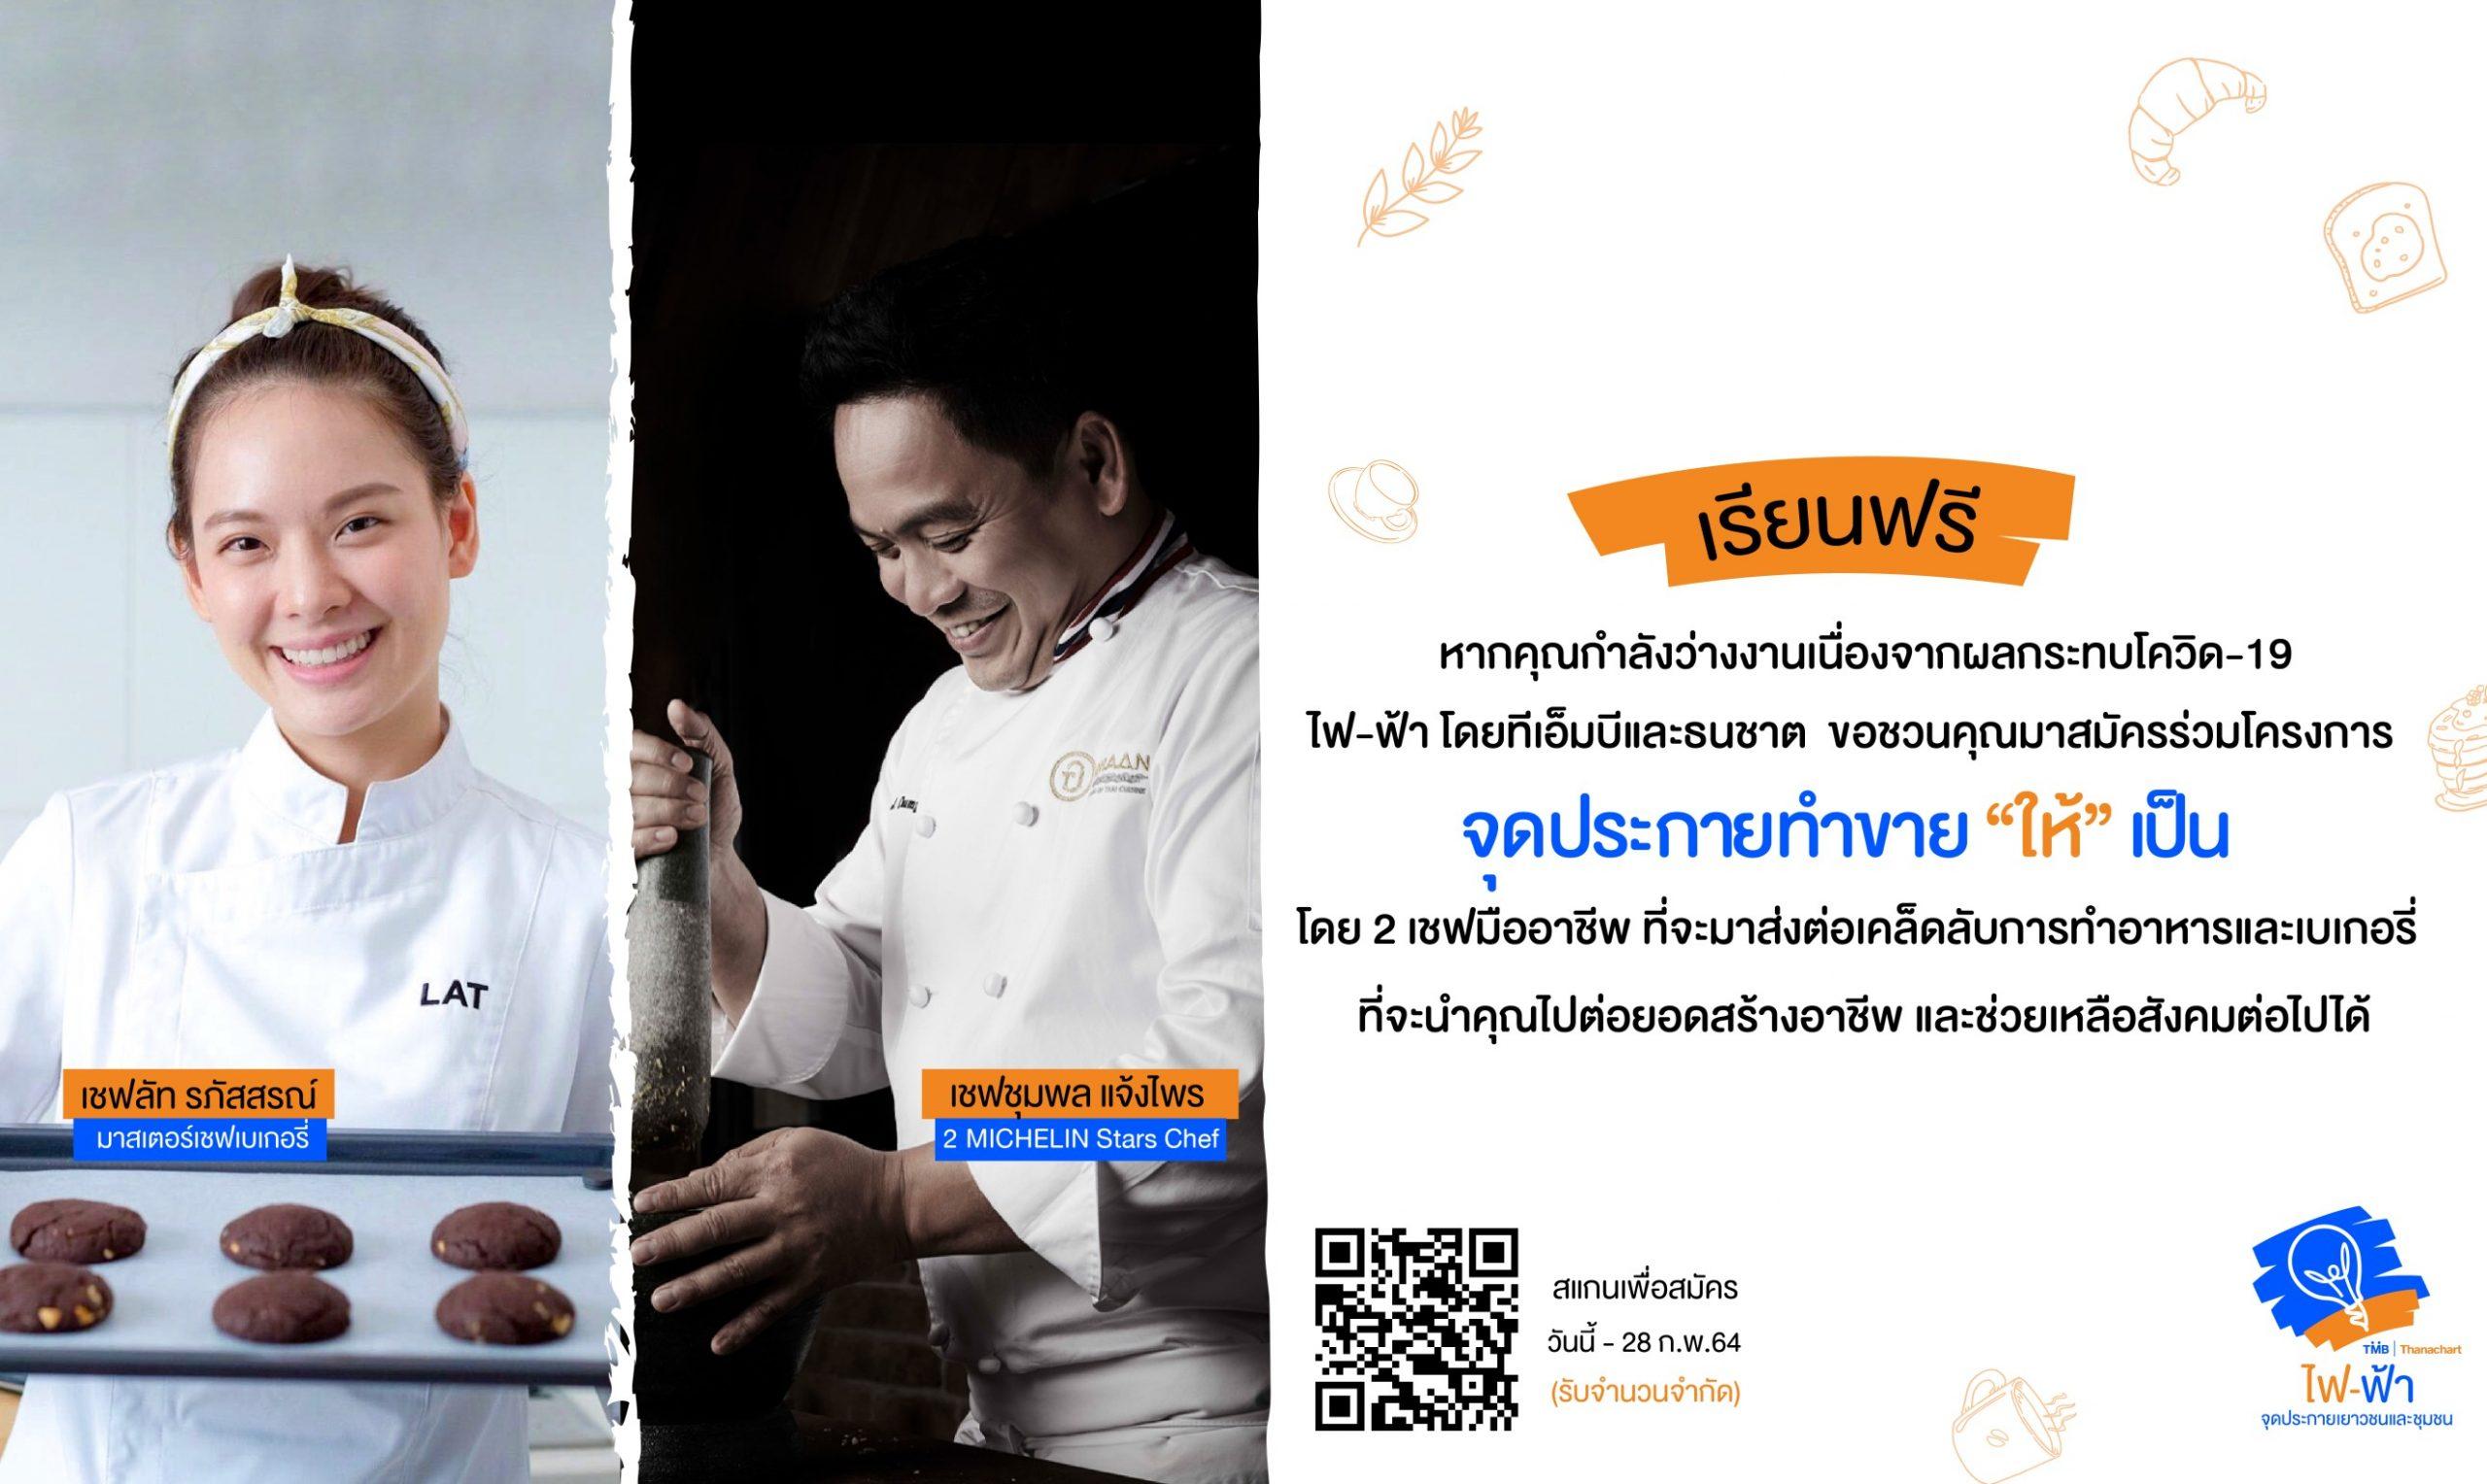 ทีเอ็มบี ธนชาต สอนทำอาหาร